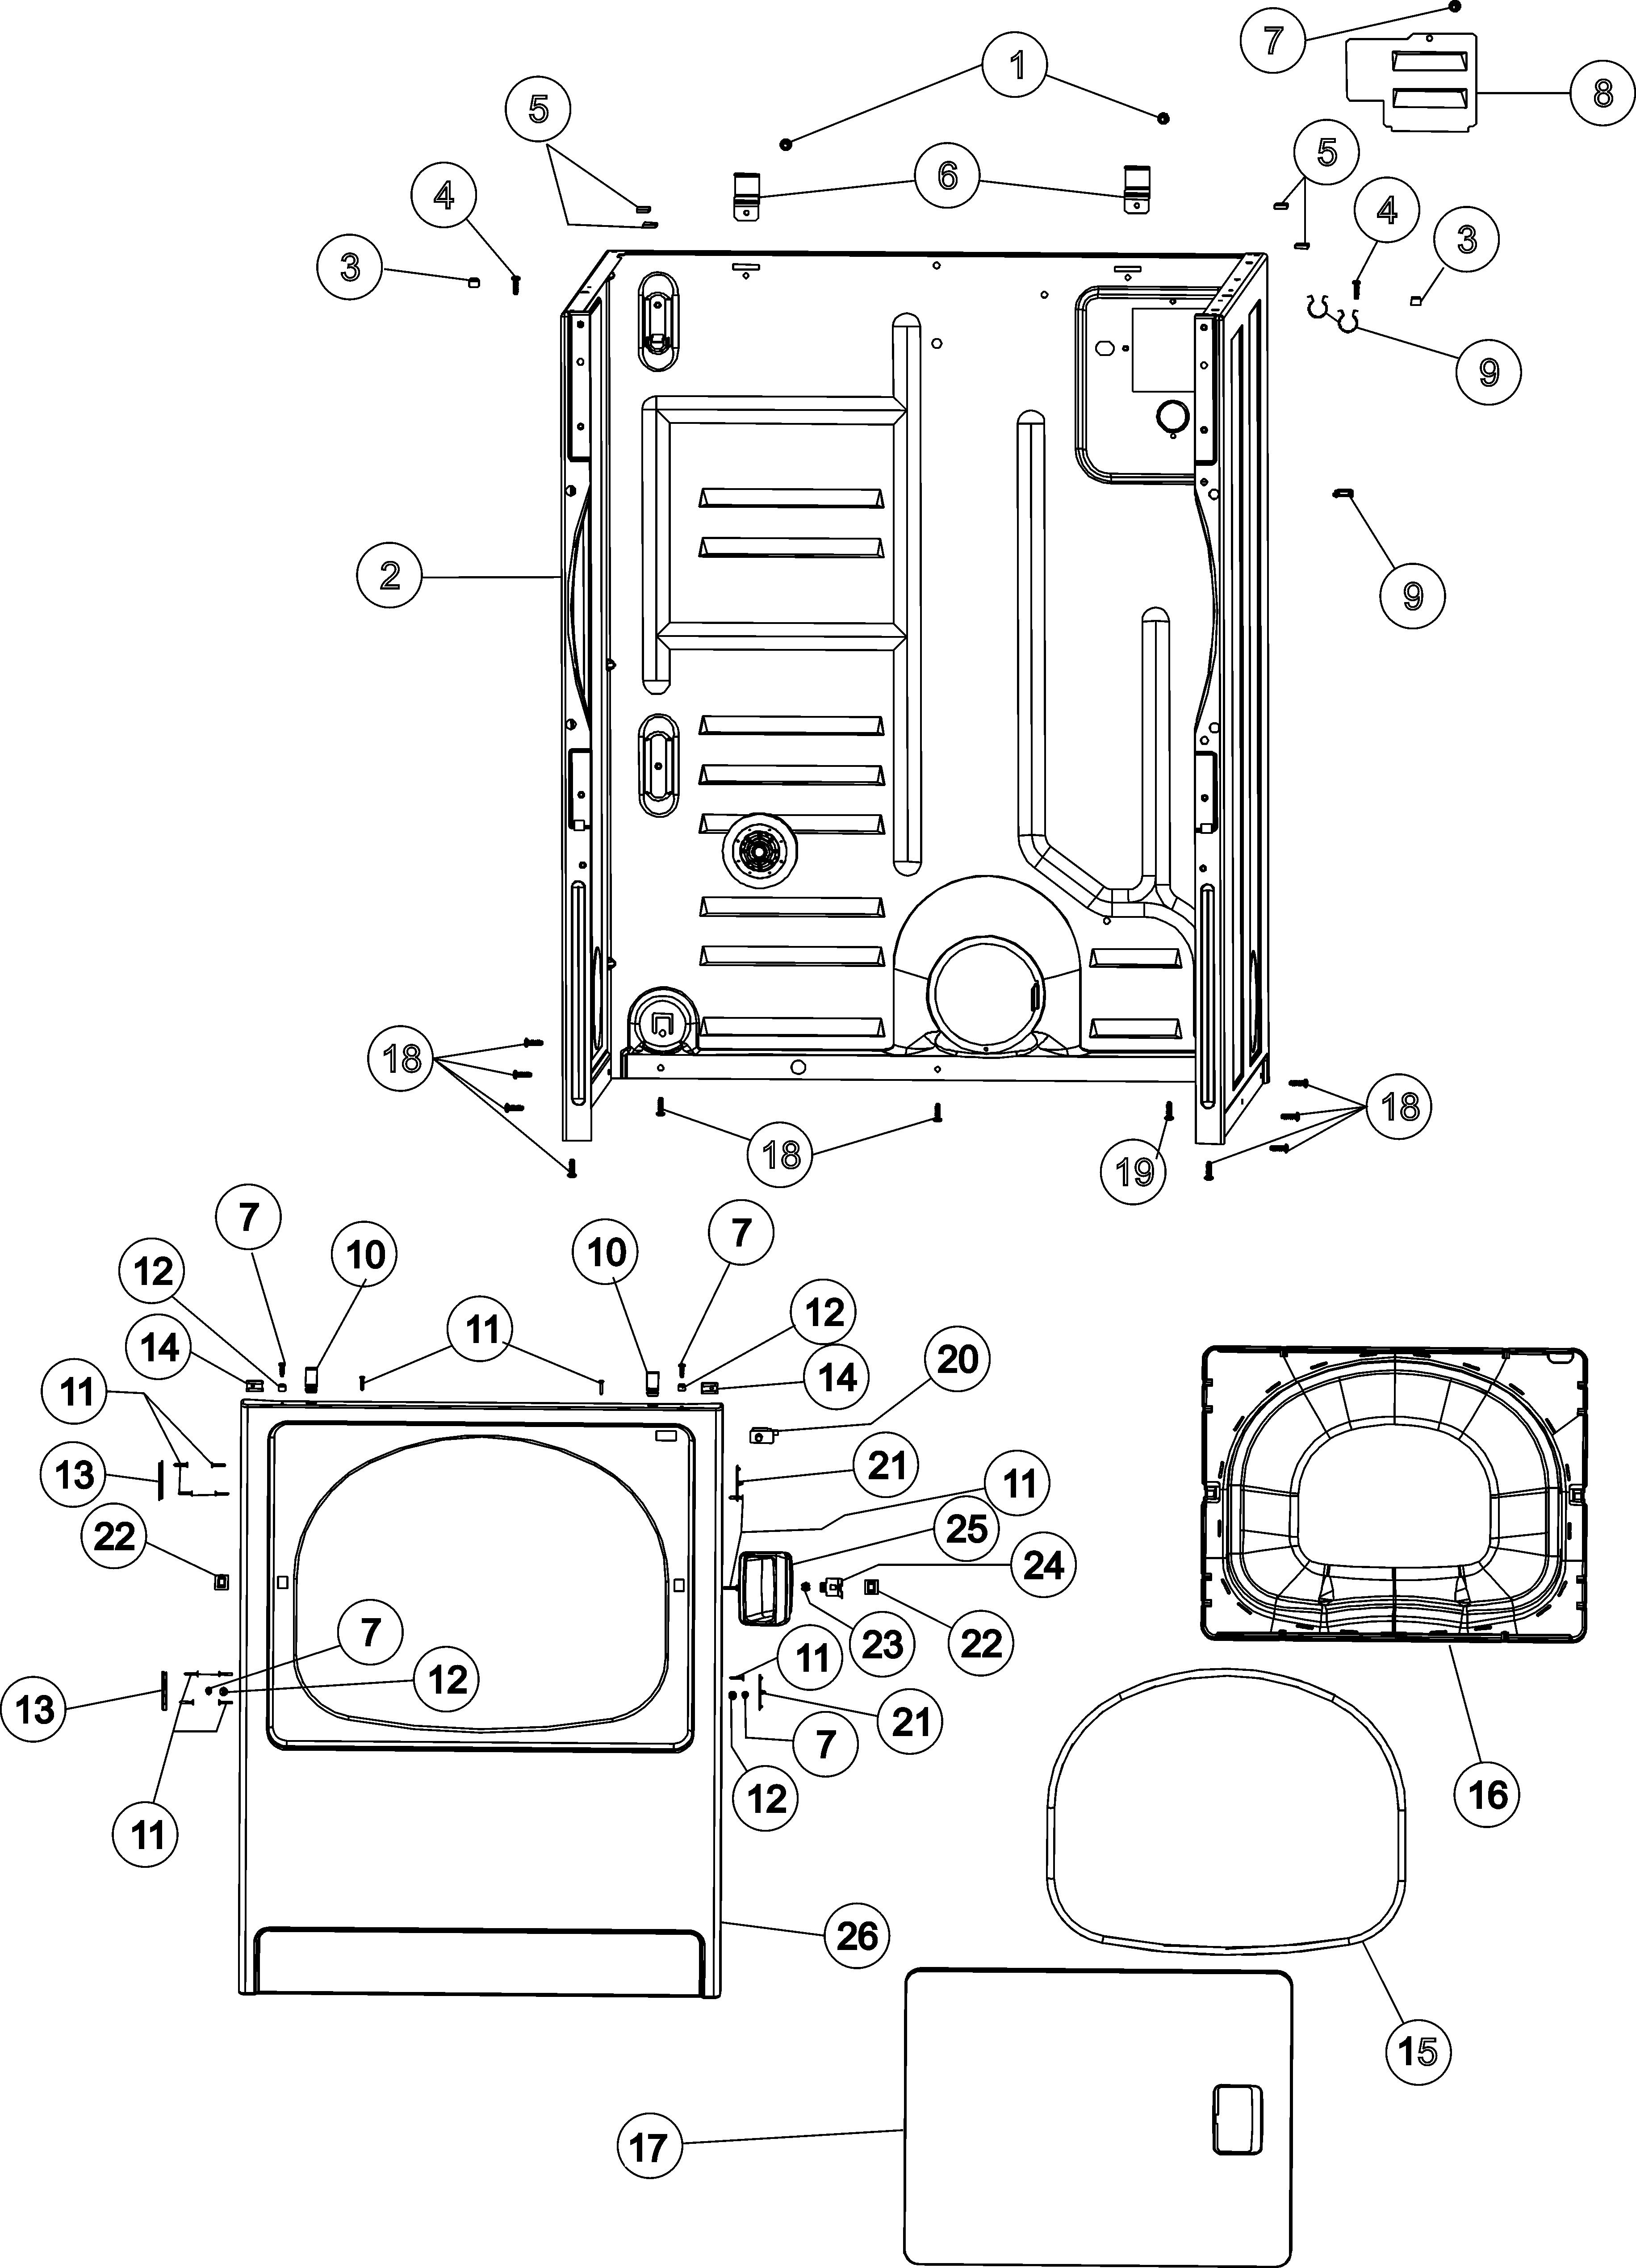 Wiring Diagram Whirlpool Gas Dryer Whirlpool Dryer Repair ... on